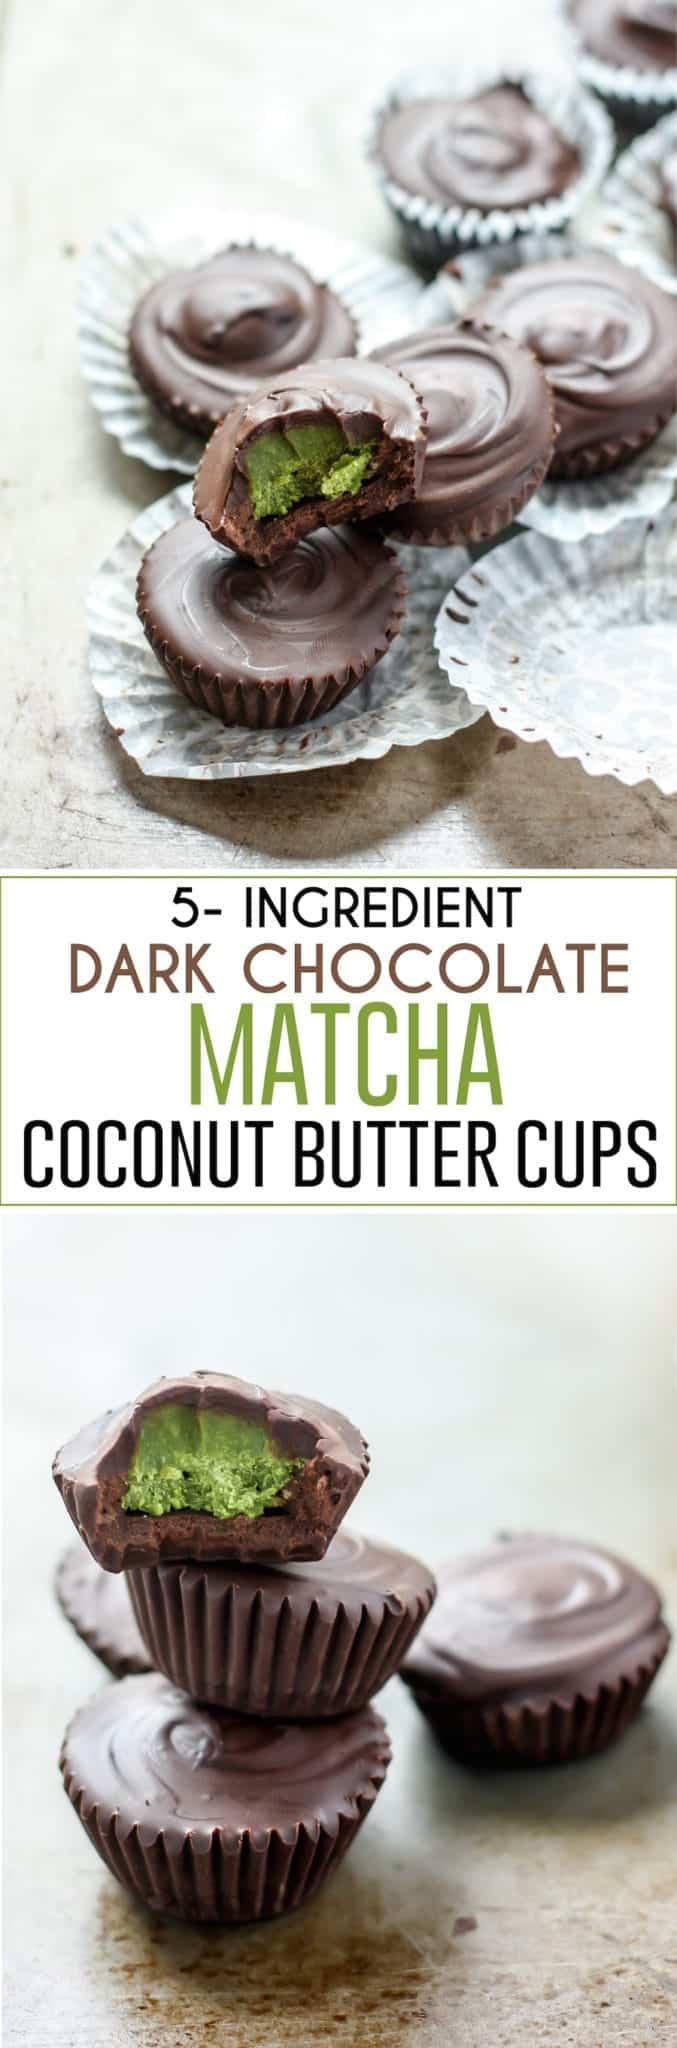 dark chocolate matcha coconut butter cups pinterest image fit mitten kitchen